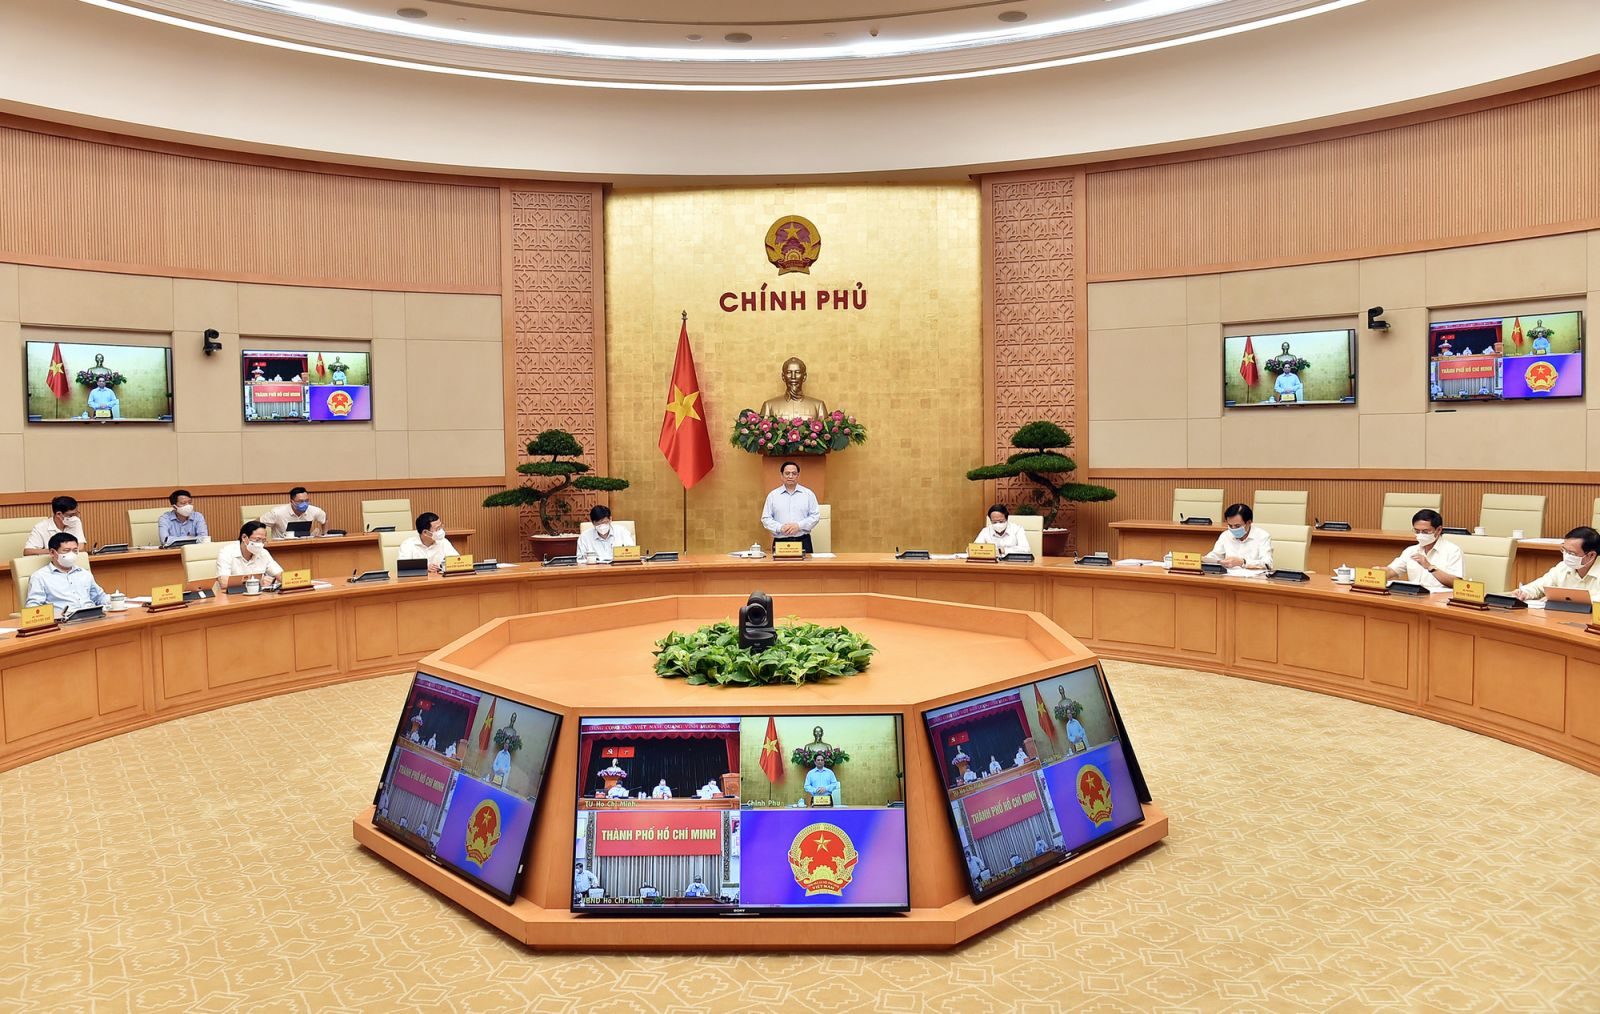 Thủ tướng Phạm Minh Chính: Việc thực hiện Chỉ thị 16 với TPHCM là một quyết định rất khó khăn nhưng cần thiết và phù hợp trong lúc này, đã được cân nhắc kỹ lưỡng, trao đi đổi lại nhiều lần. Ảnh VGP/Nhật Bắc